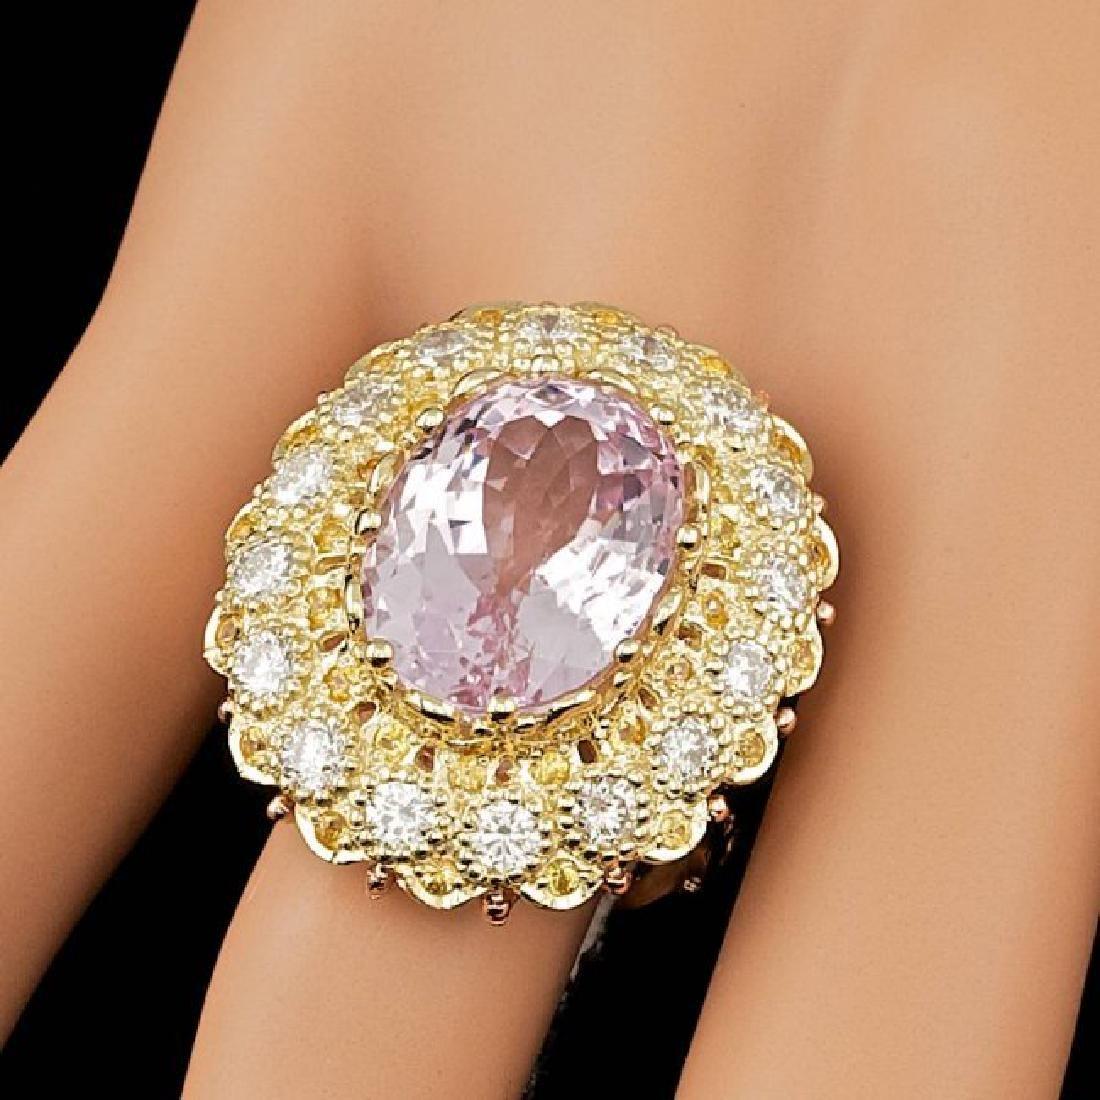 14k Gold 14.00ct Kunzite 2.05ct Diamond Ring - 3